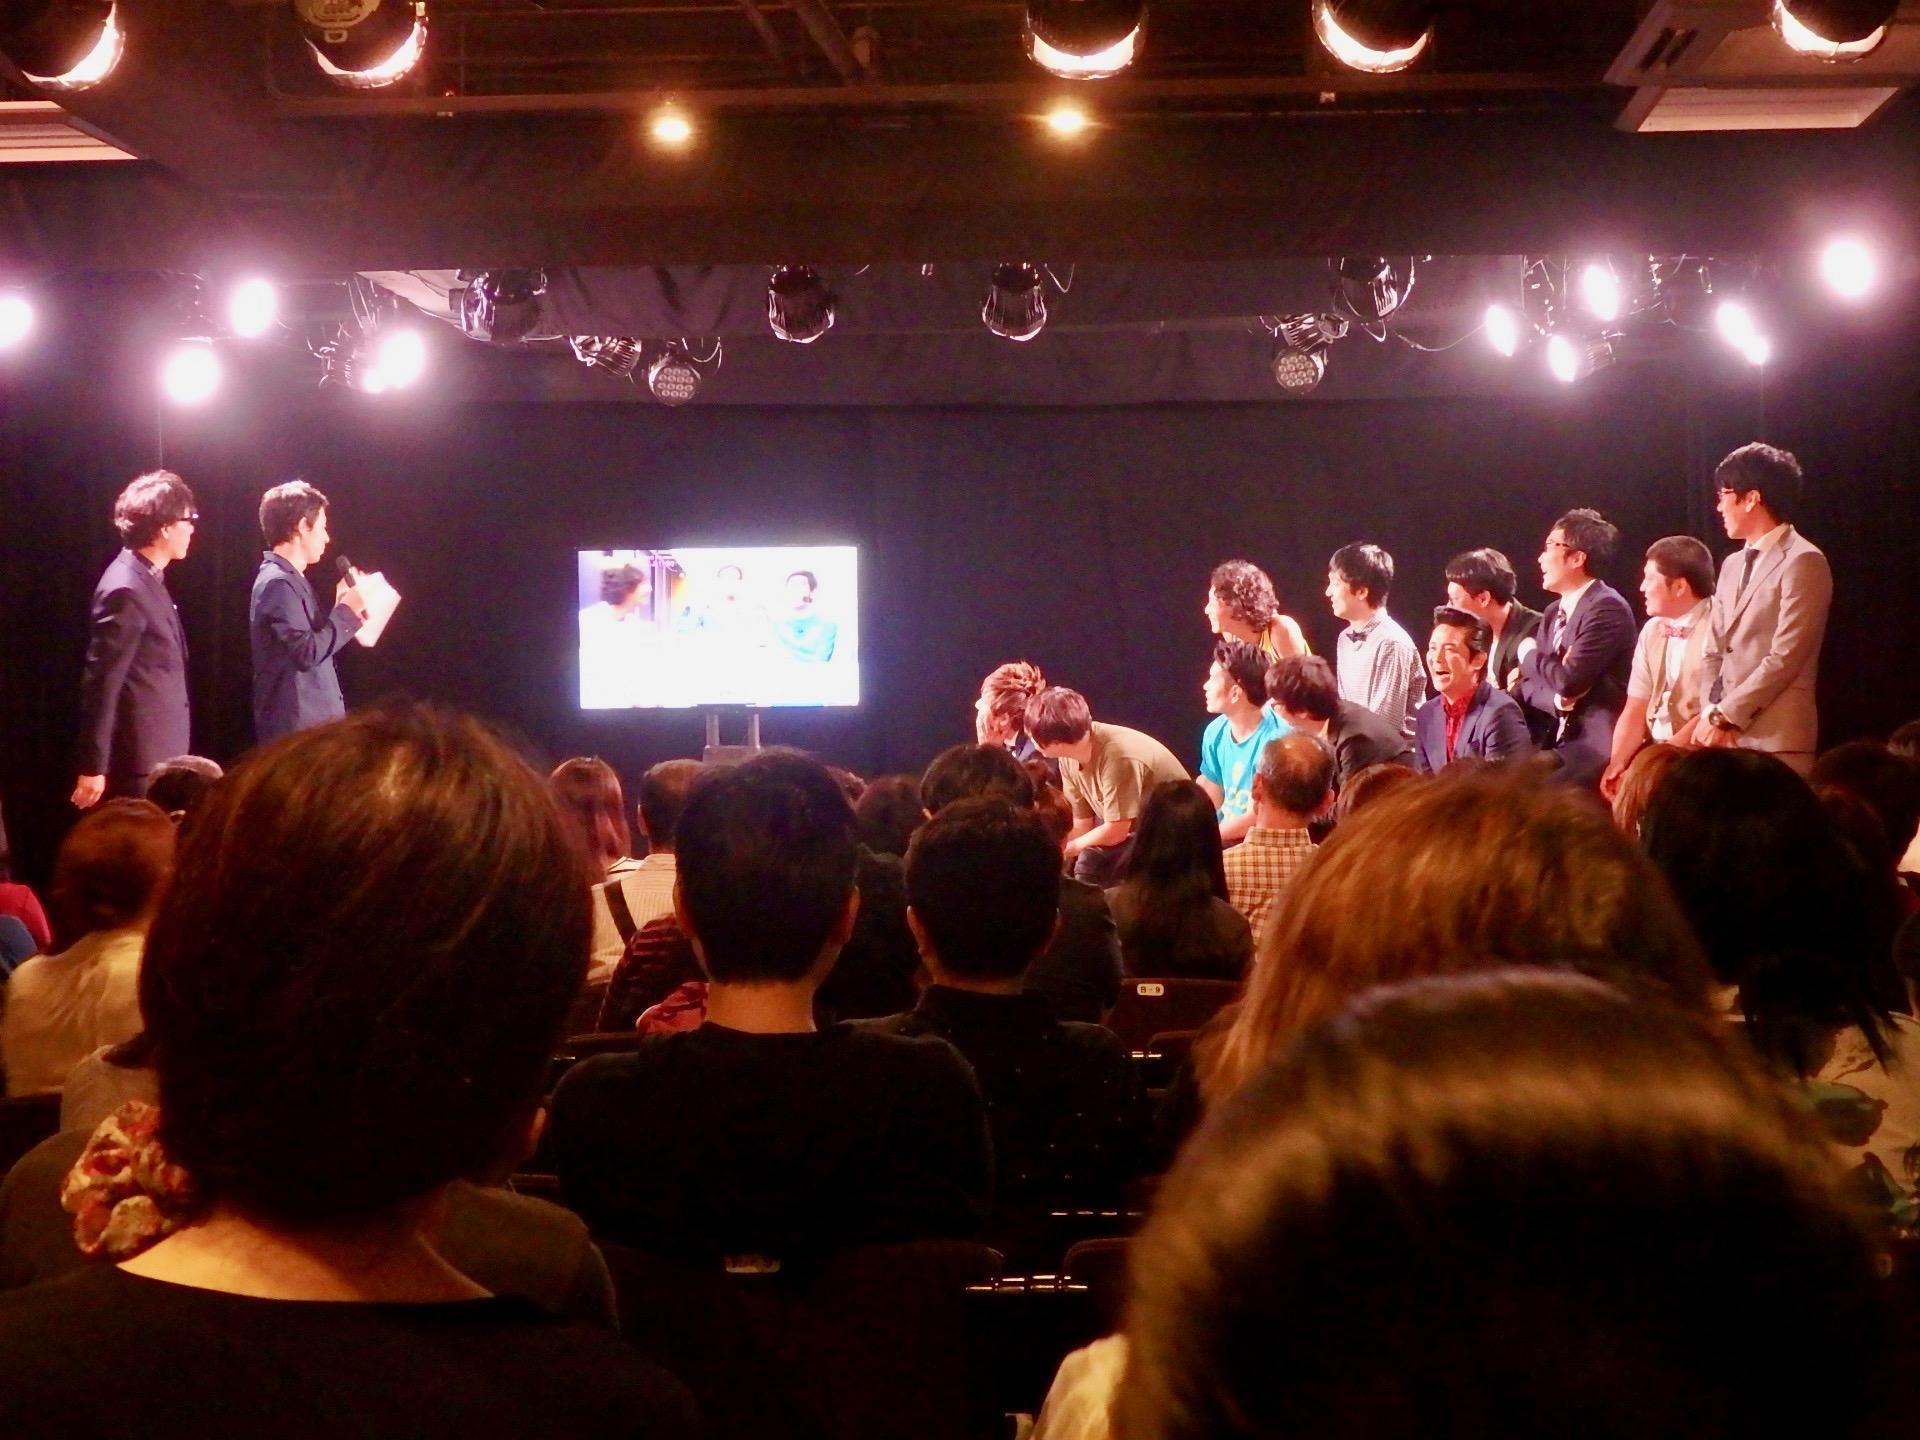 http://news.yoshimoto.co.jp/20171016142749-9612c4026132c8f1e9e73132b50c2a59332ba0bd.jpg